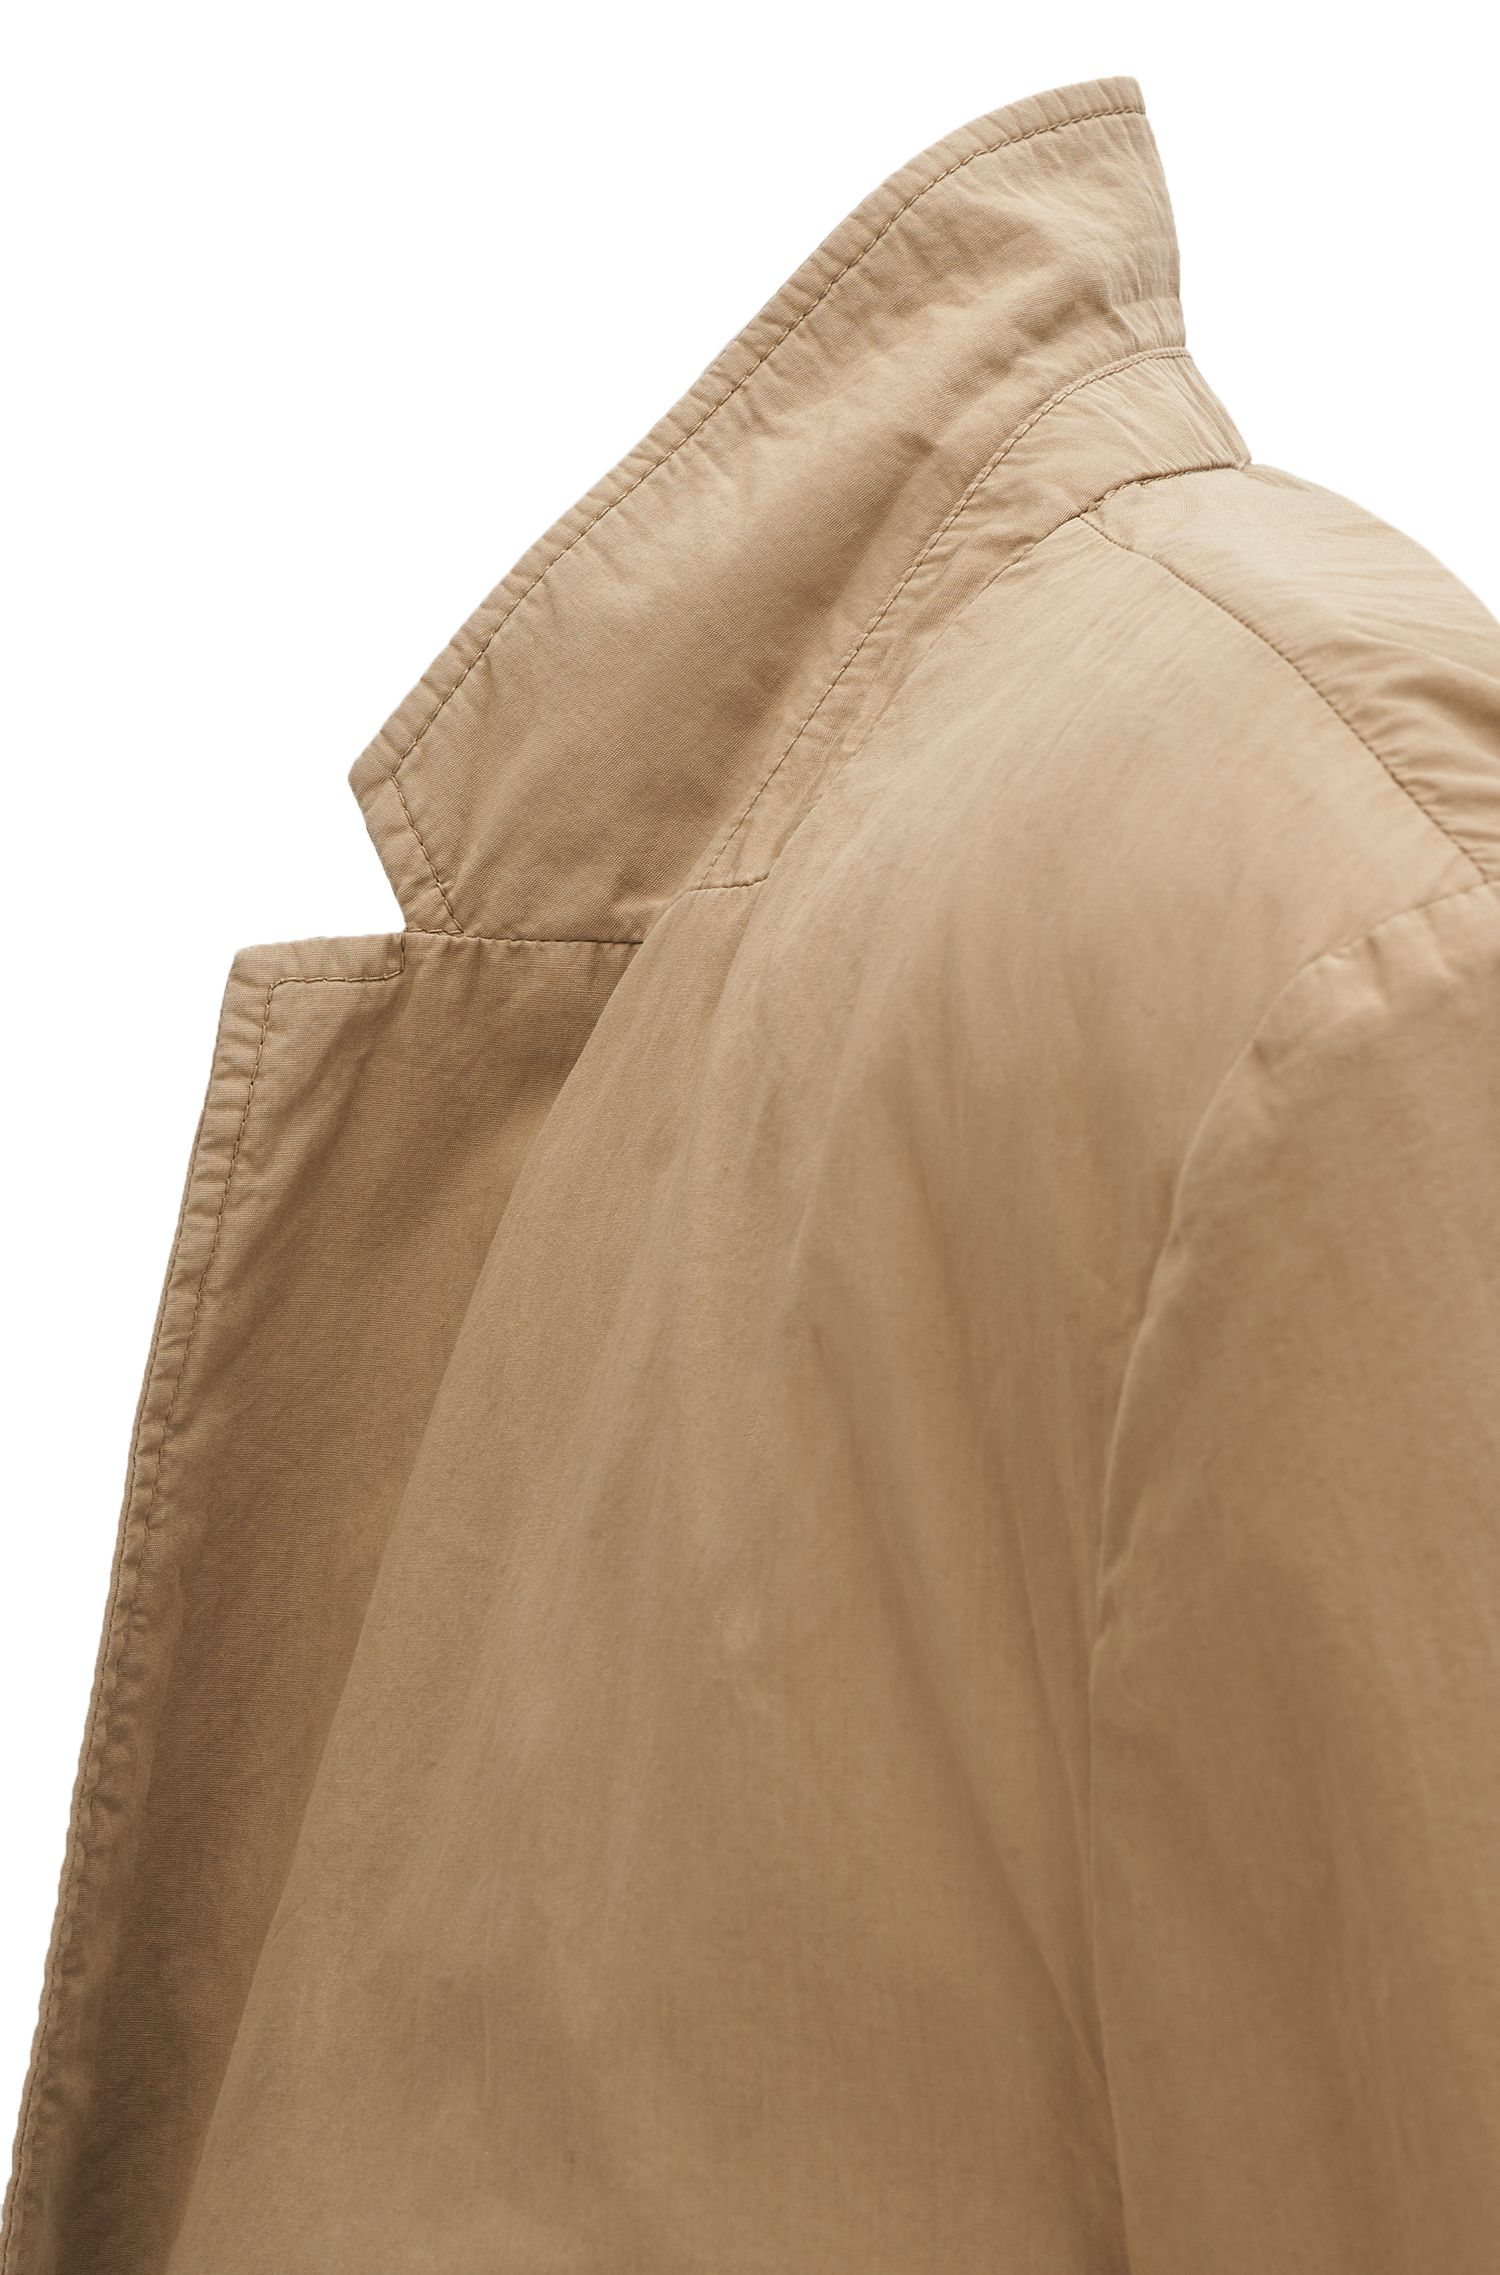 Blazer Slim Fit en coton italien léger